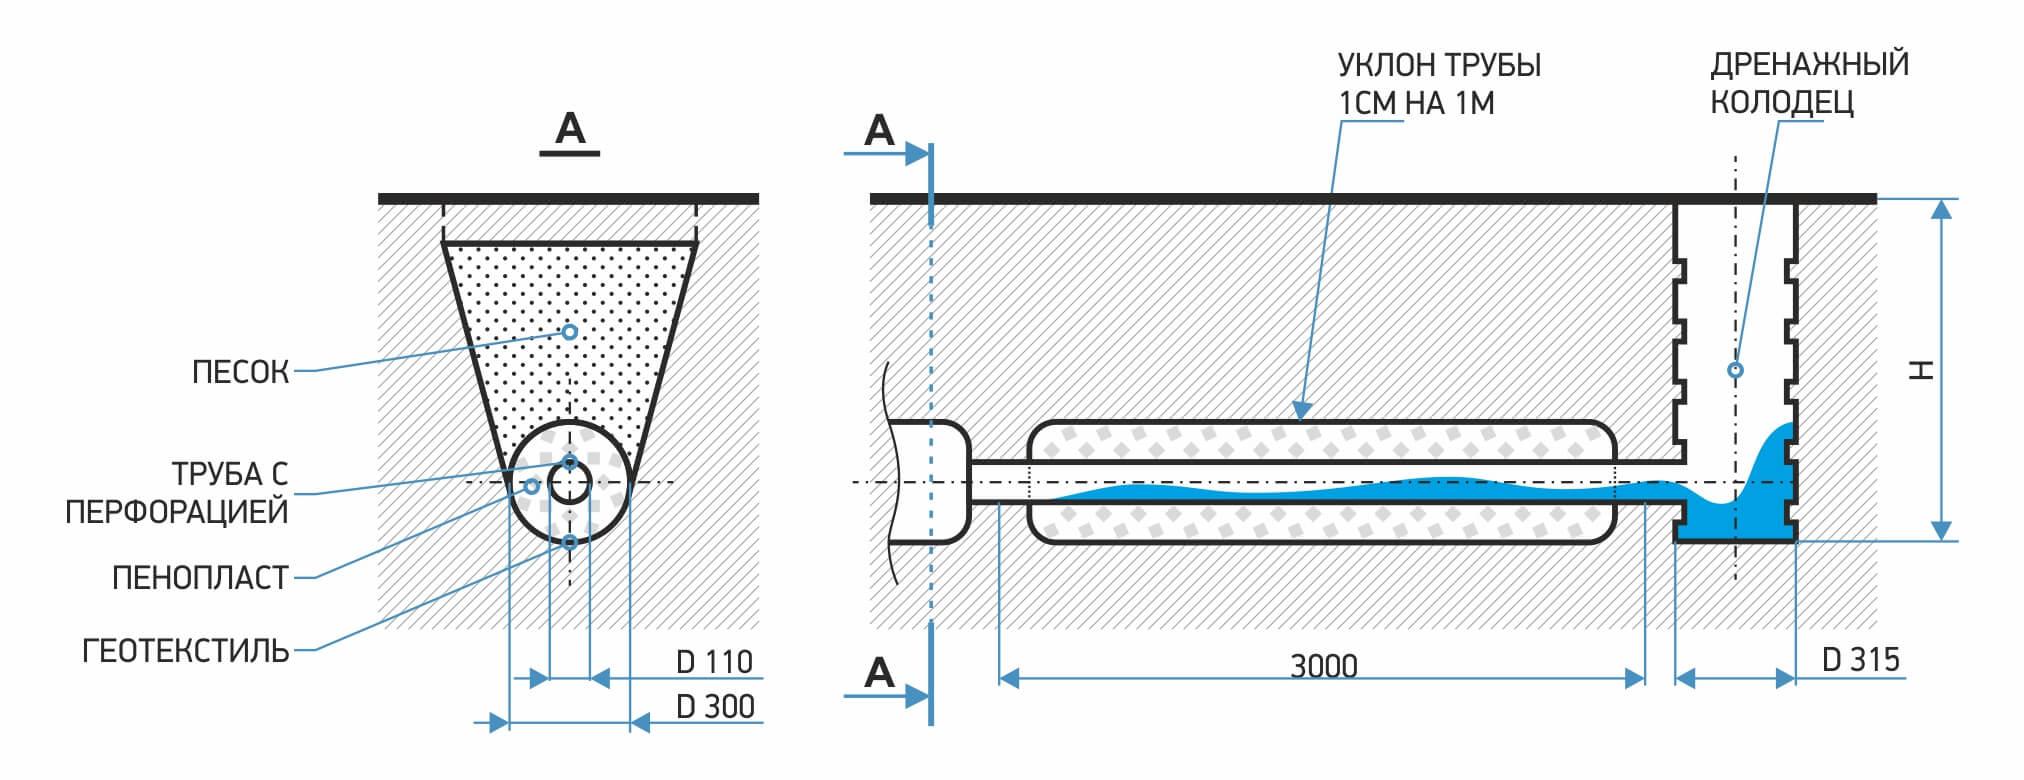 Схема Дренажной системы без щебня